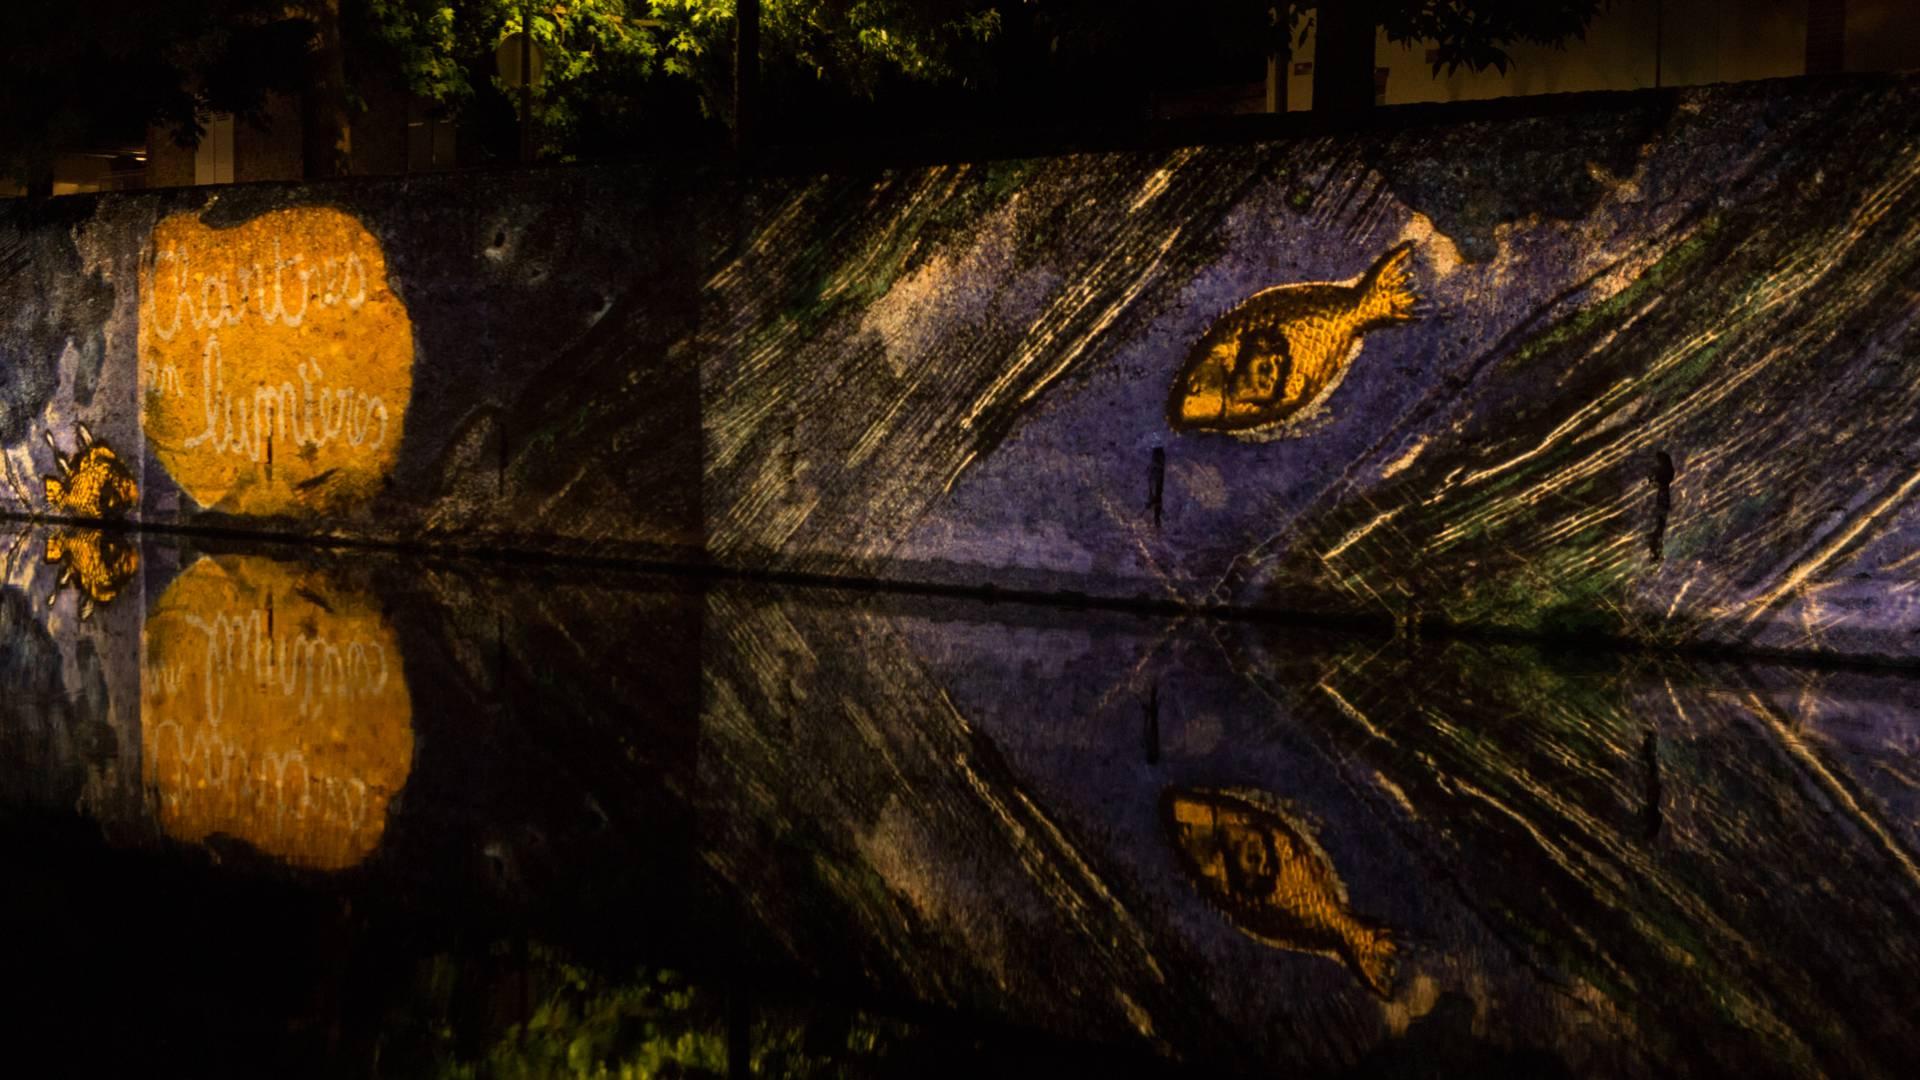 Création Artway Chartres pour Chartres en lumières